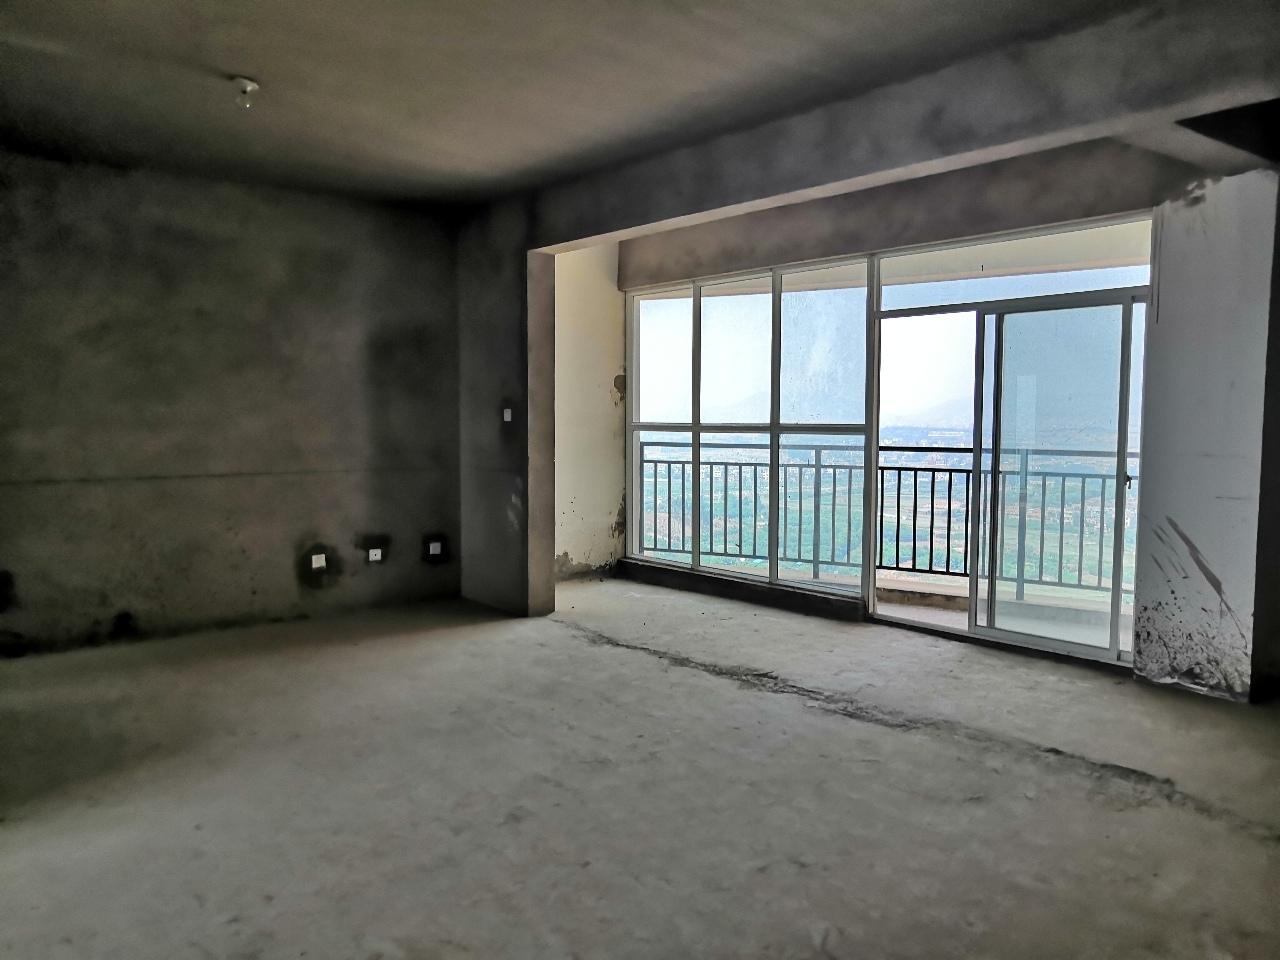 凯旋城4室 2厅 2卫48万元